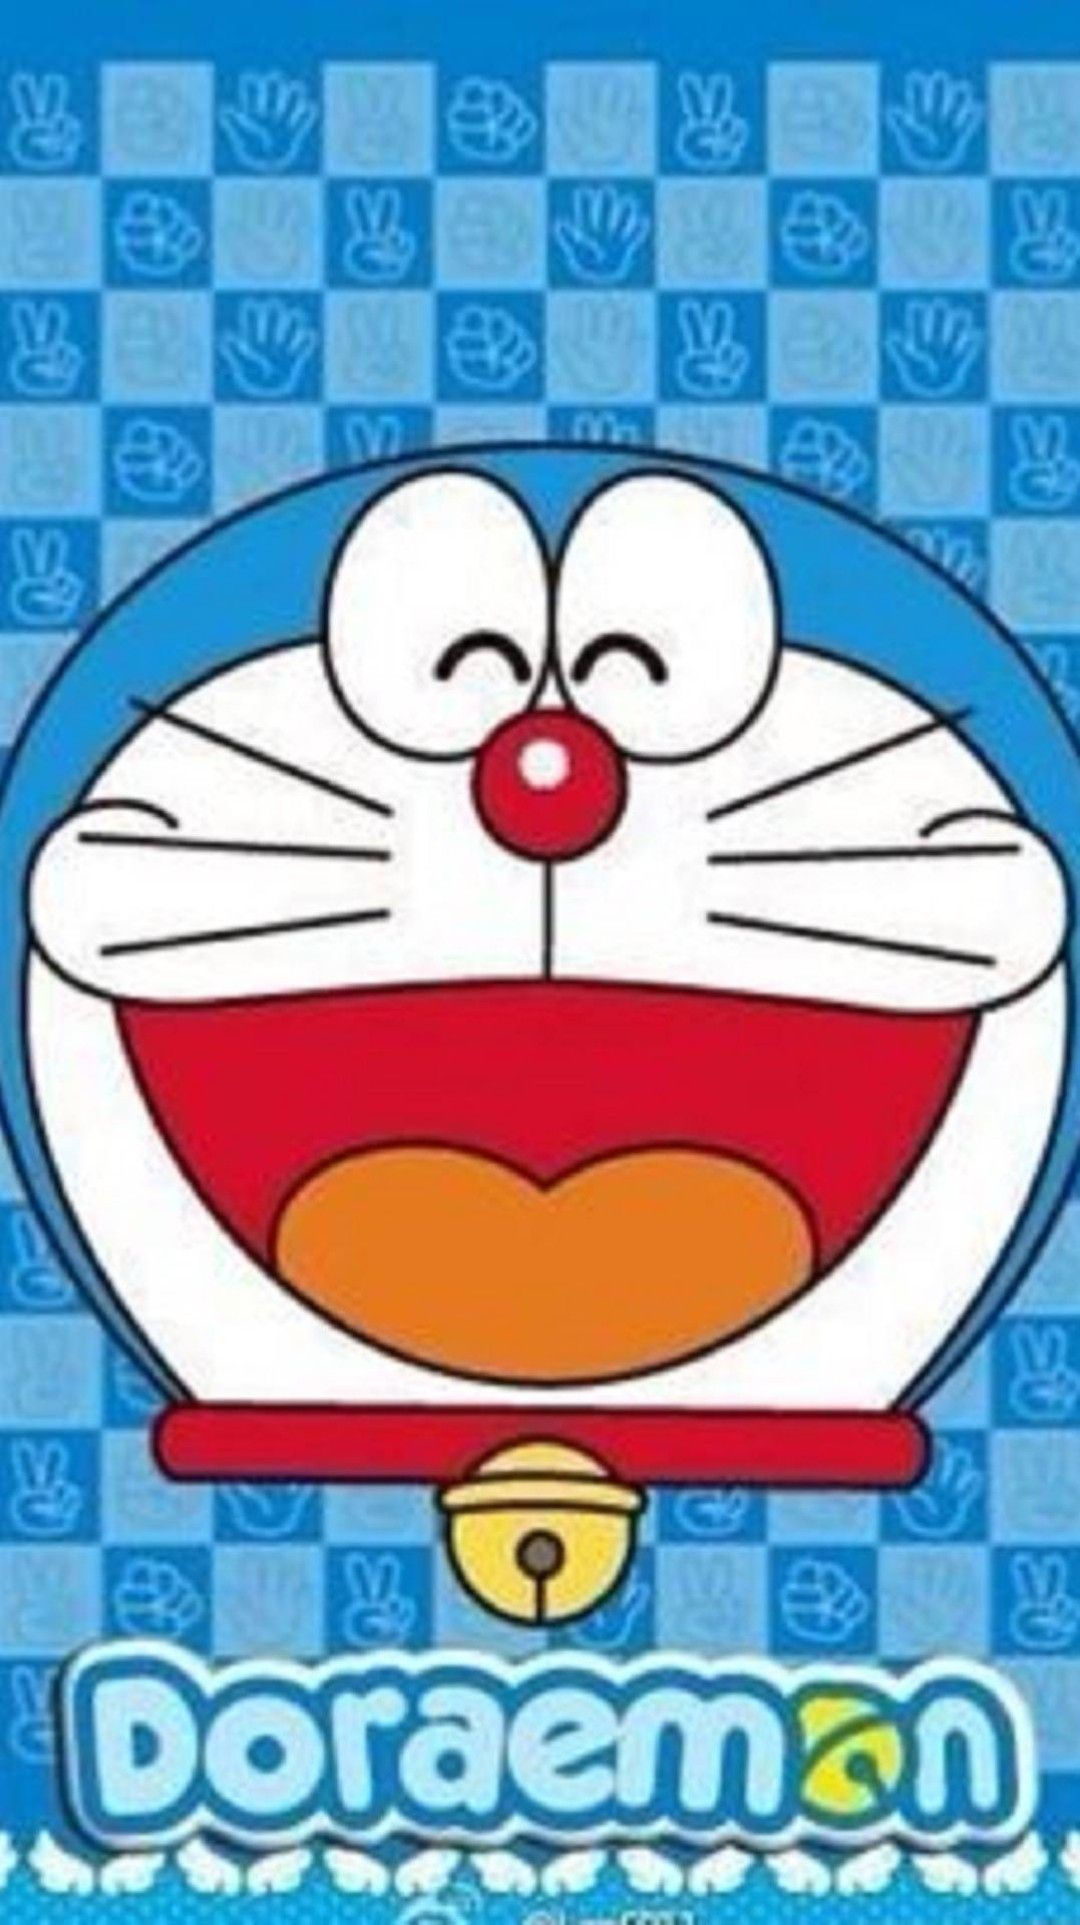 Pin by Nani Reddy on Nani Doraemon wallpapers, Doraemon